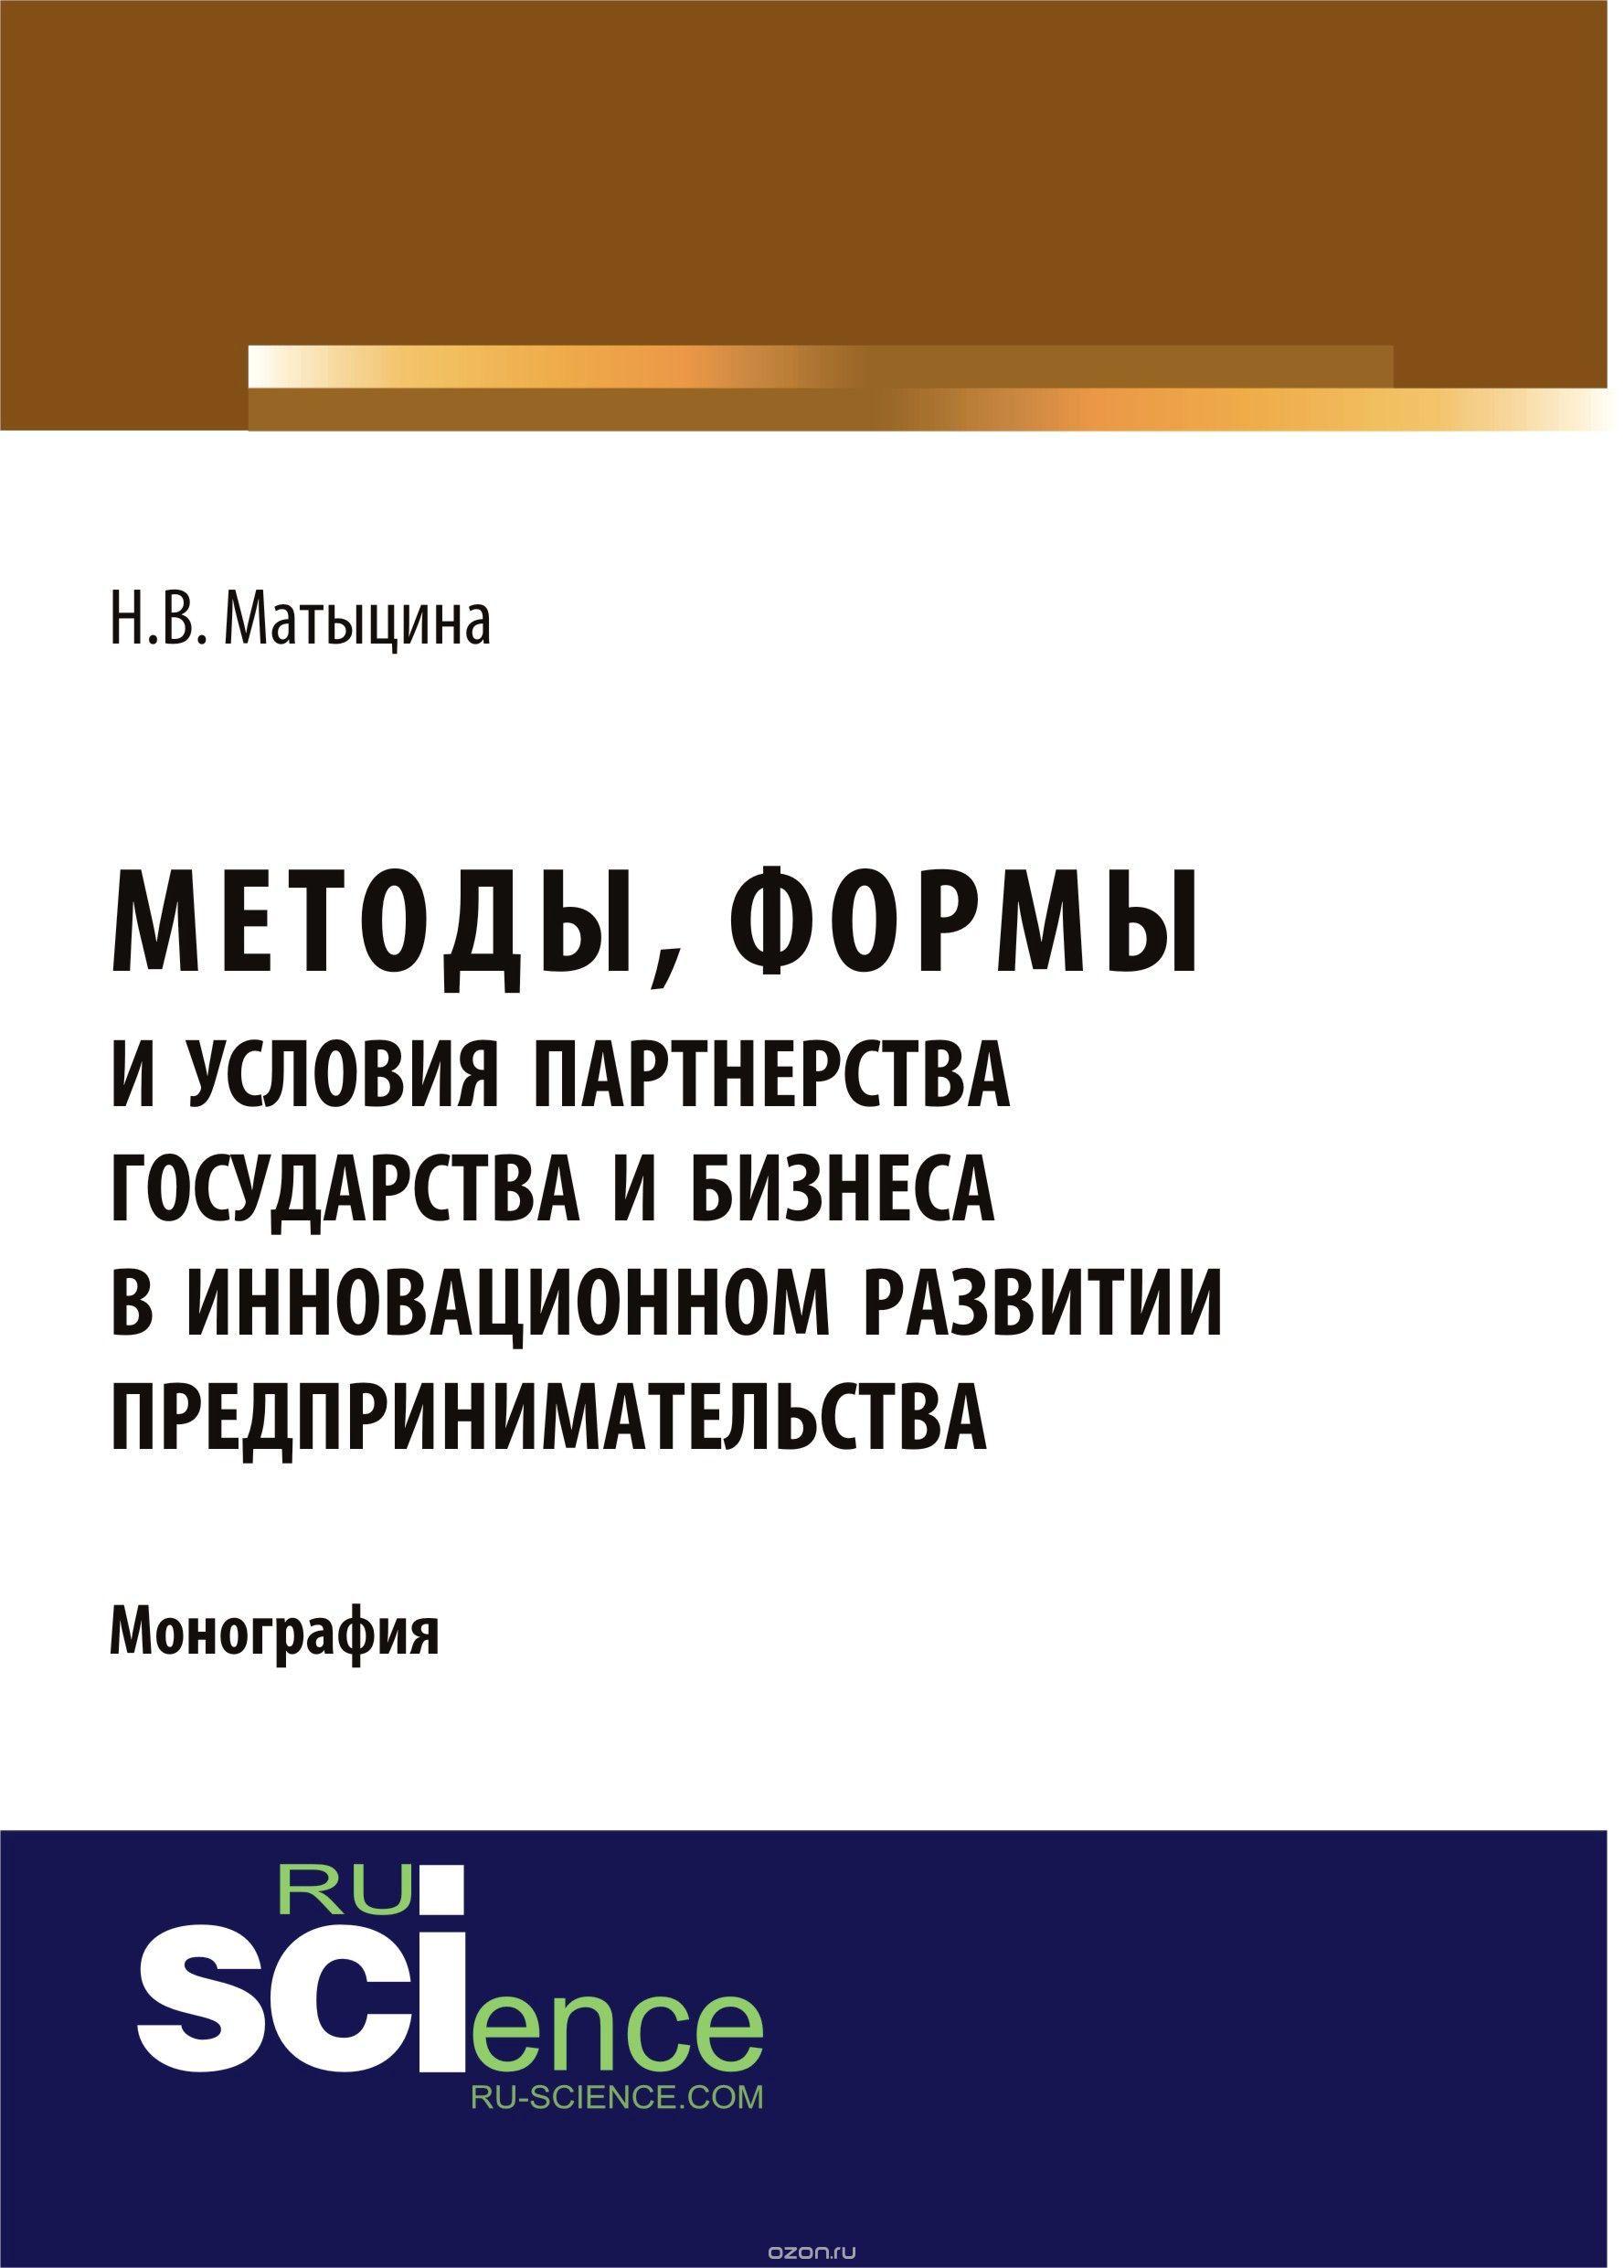 Методы,  формы и условия партнерства государства и бизнеса в инновационном развитии предпринимательства